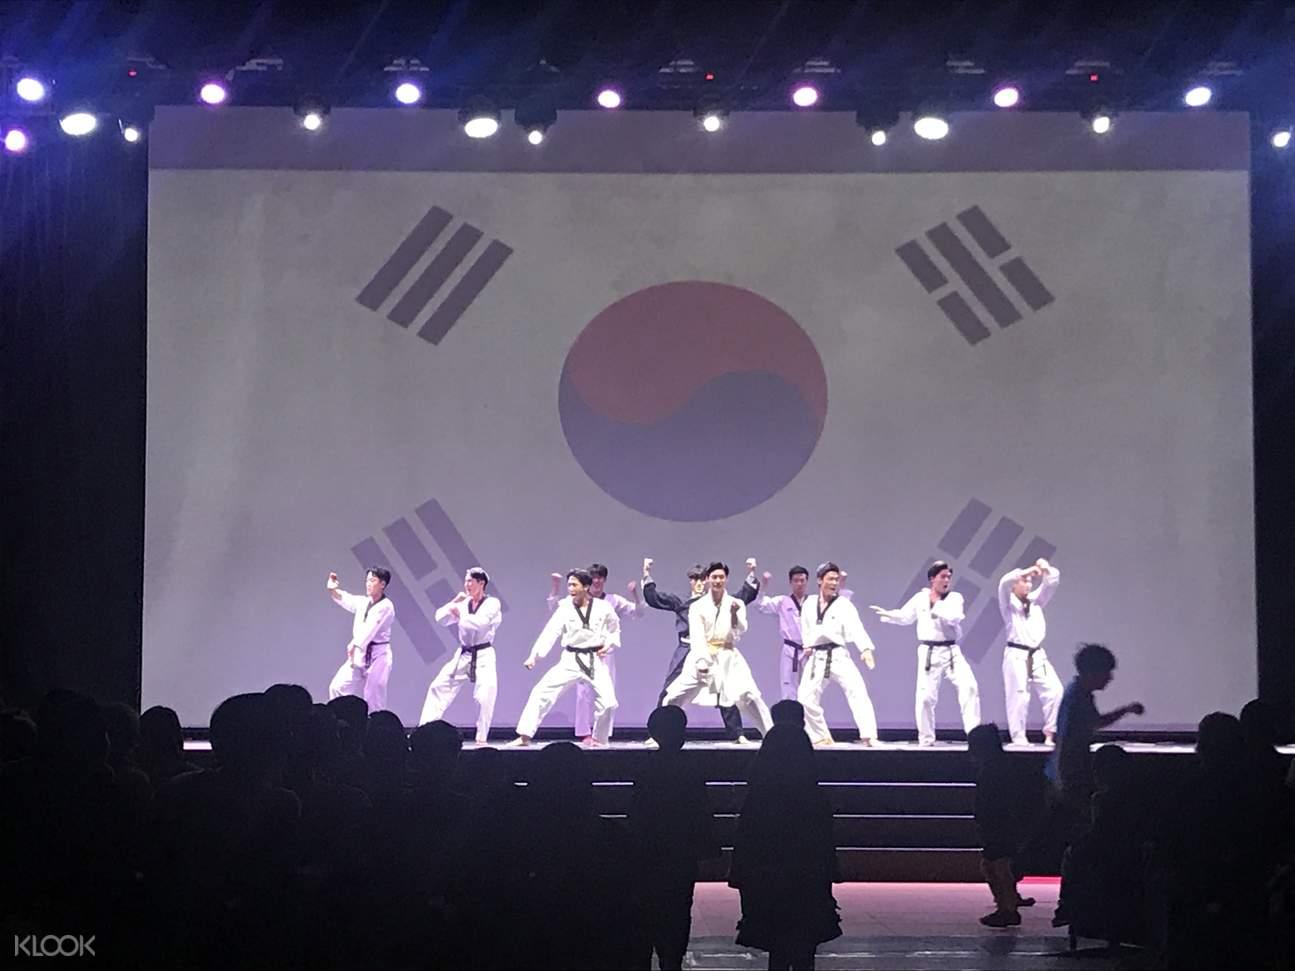 跆拳道公演GREAT TAEKWONDO - 月之武士(韩国国技院)